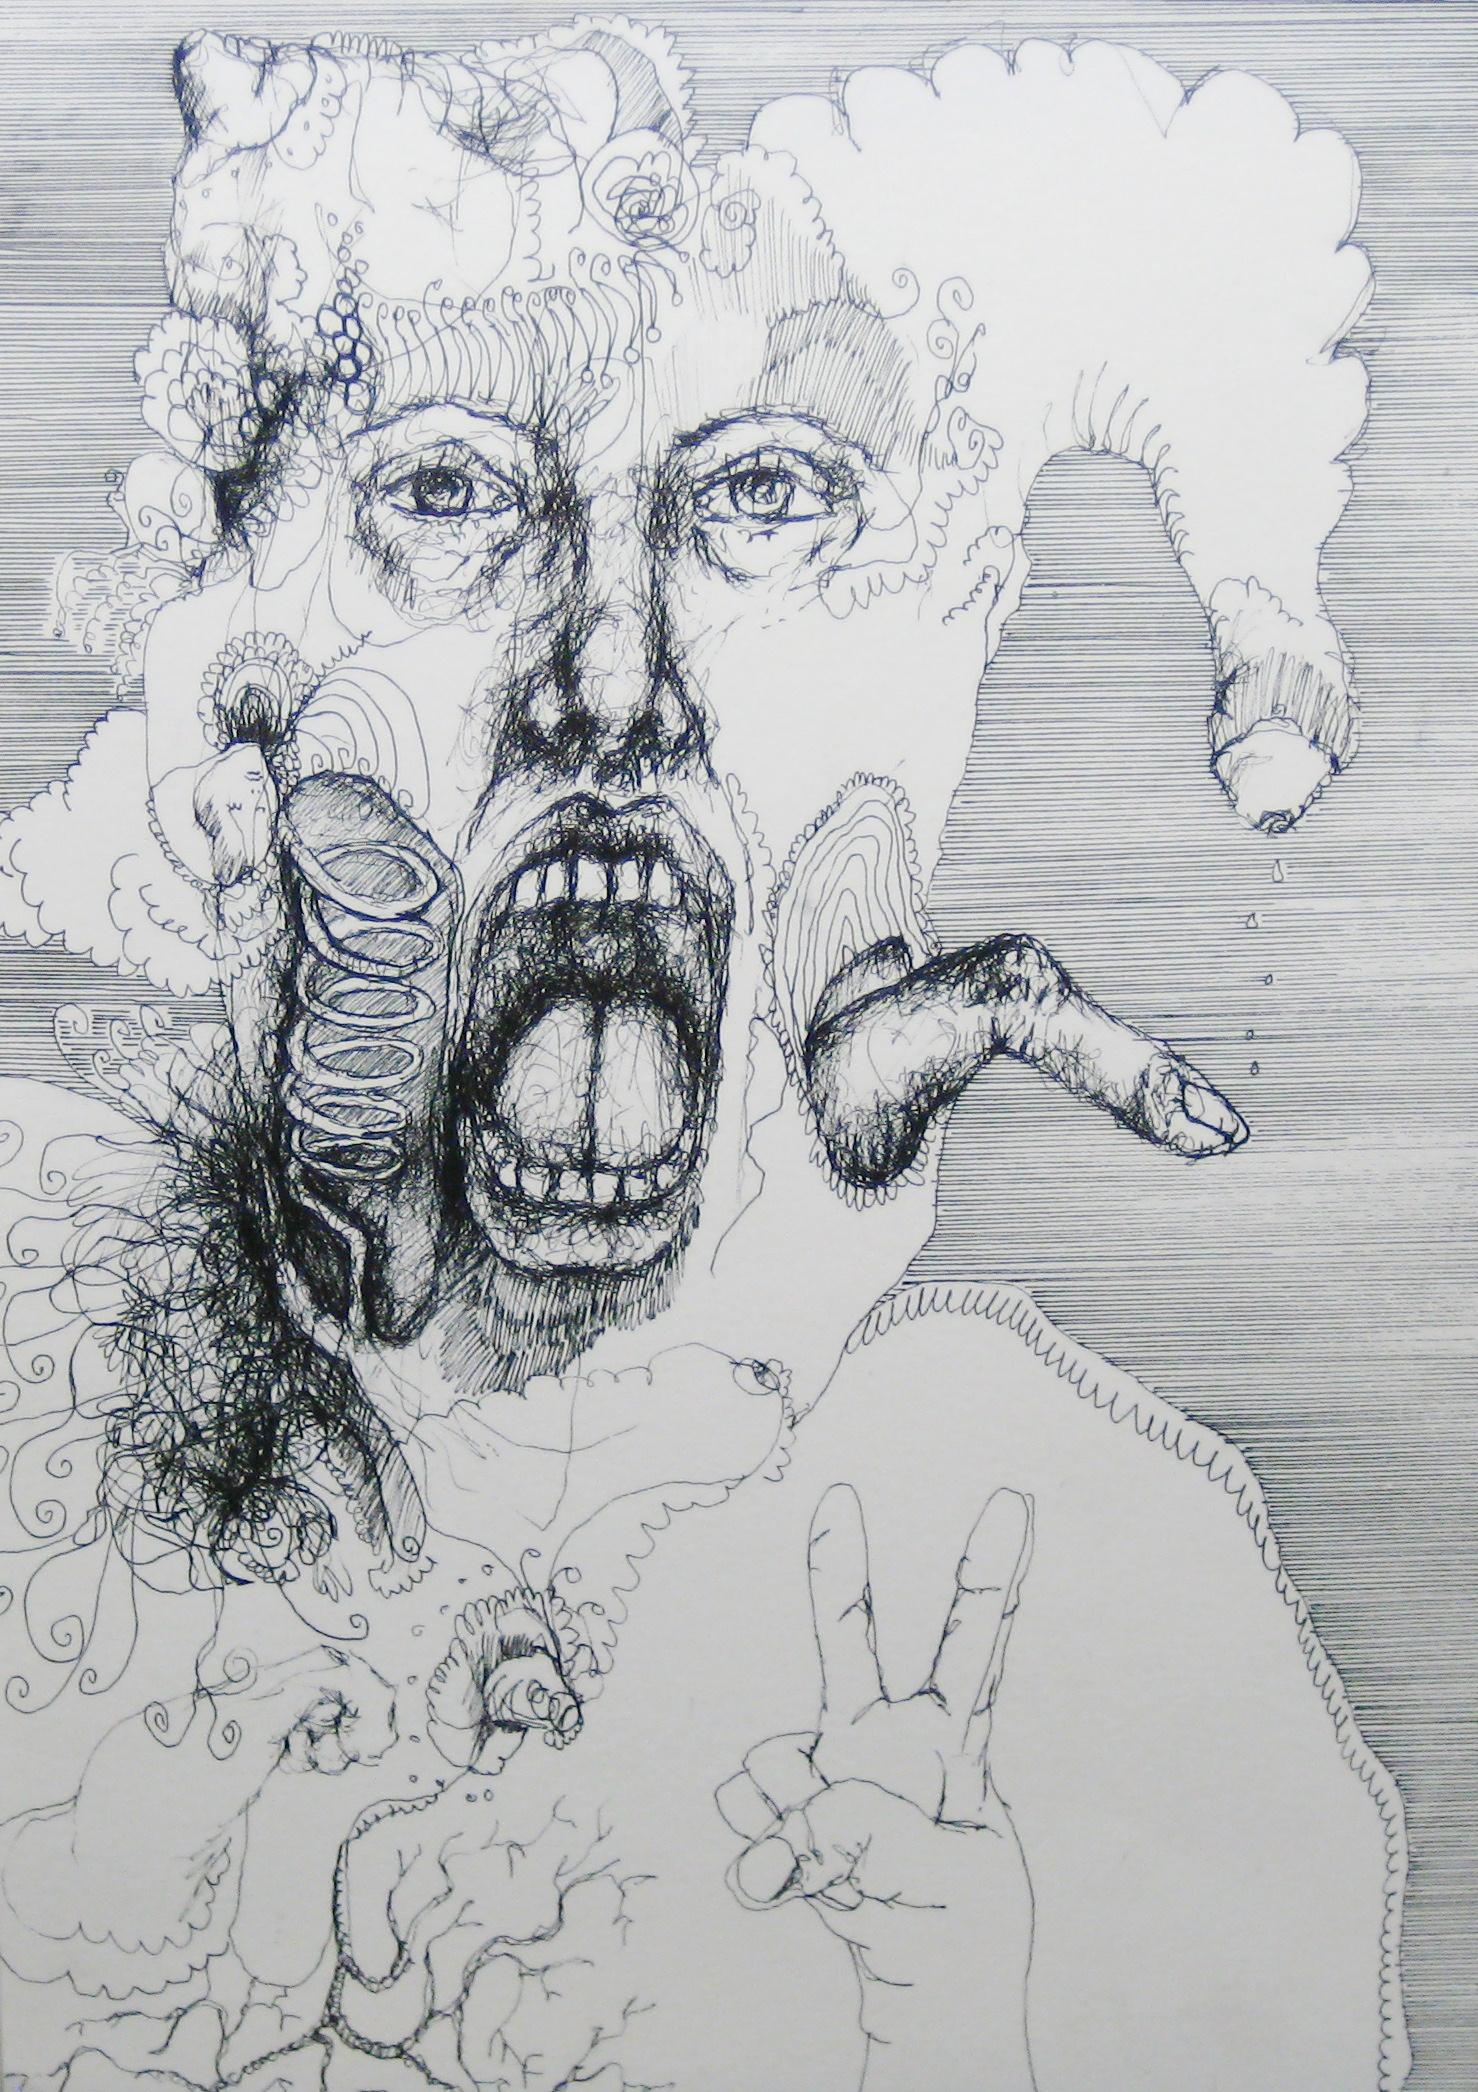 2011-Zeichnung-Emotion-24-finger-spirale-gesicht-Luisa-Pohlmann-Kunst-Berlin